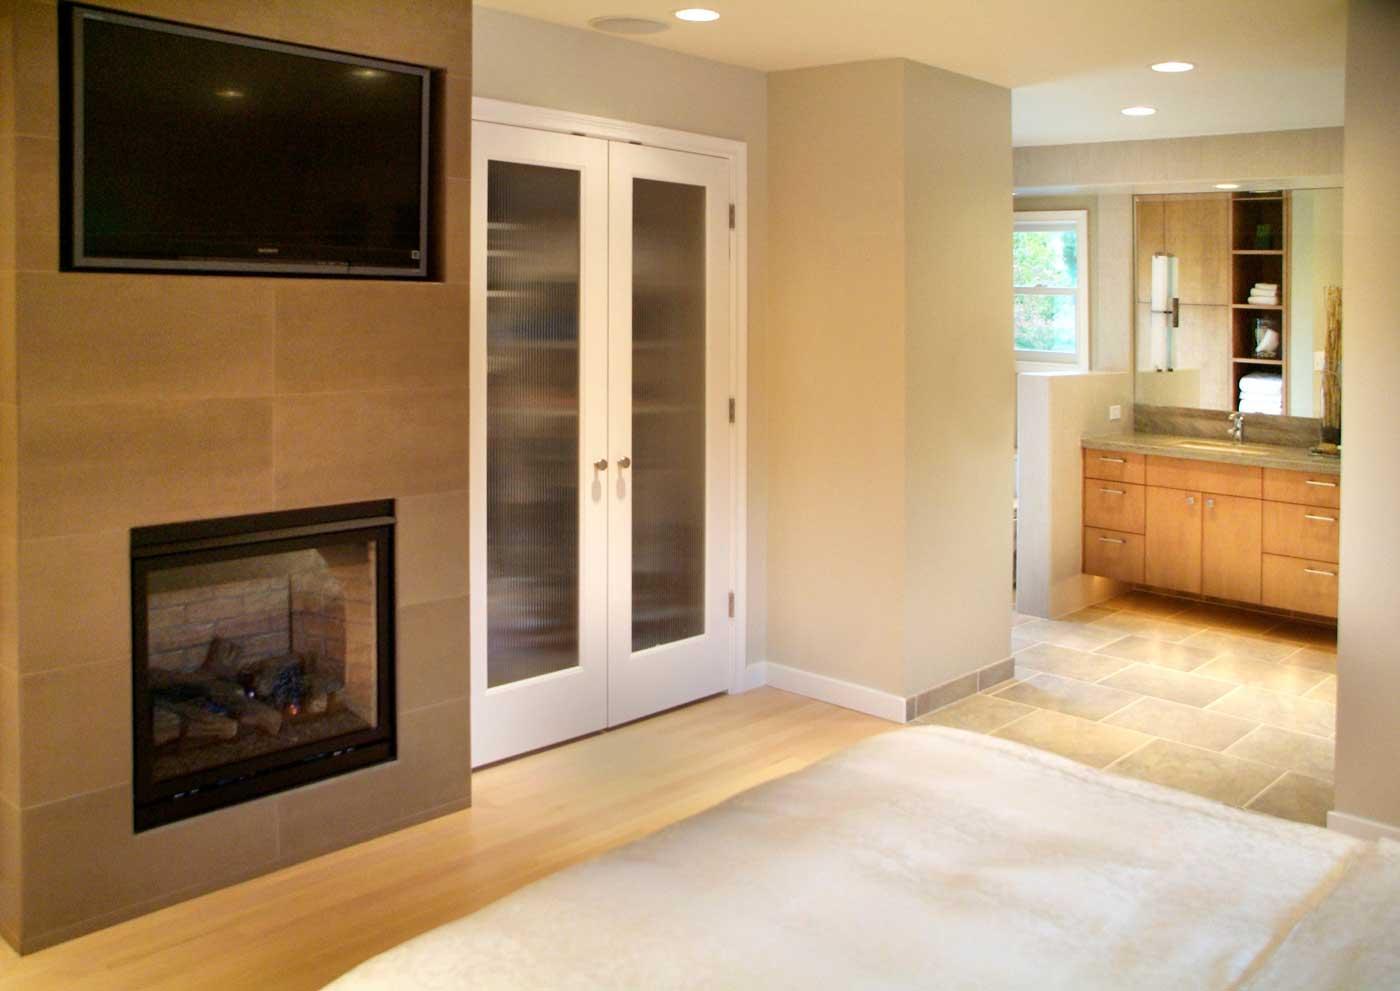 Master Suite Interior Designer in Sacramento CA